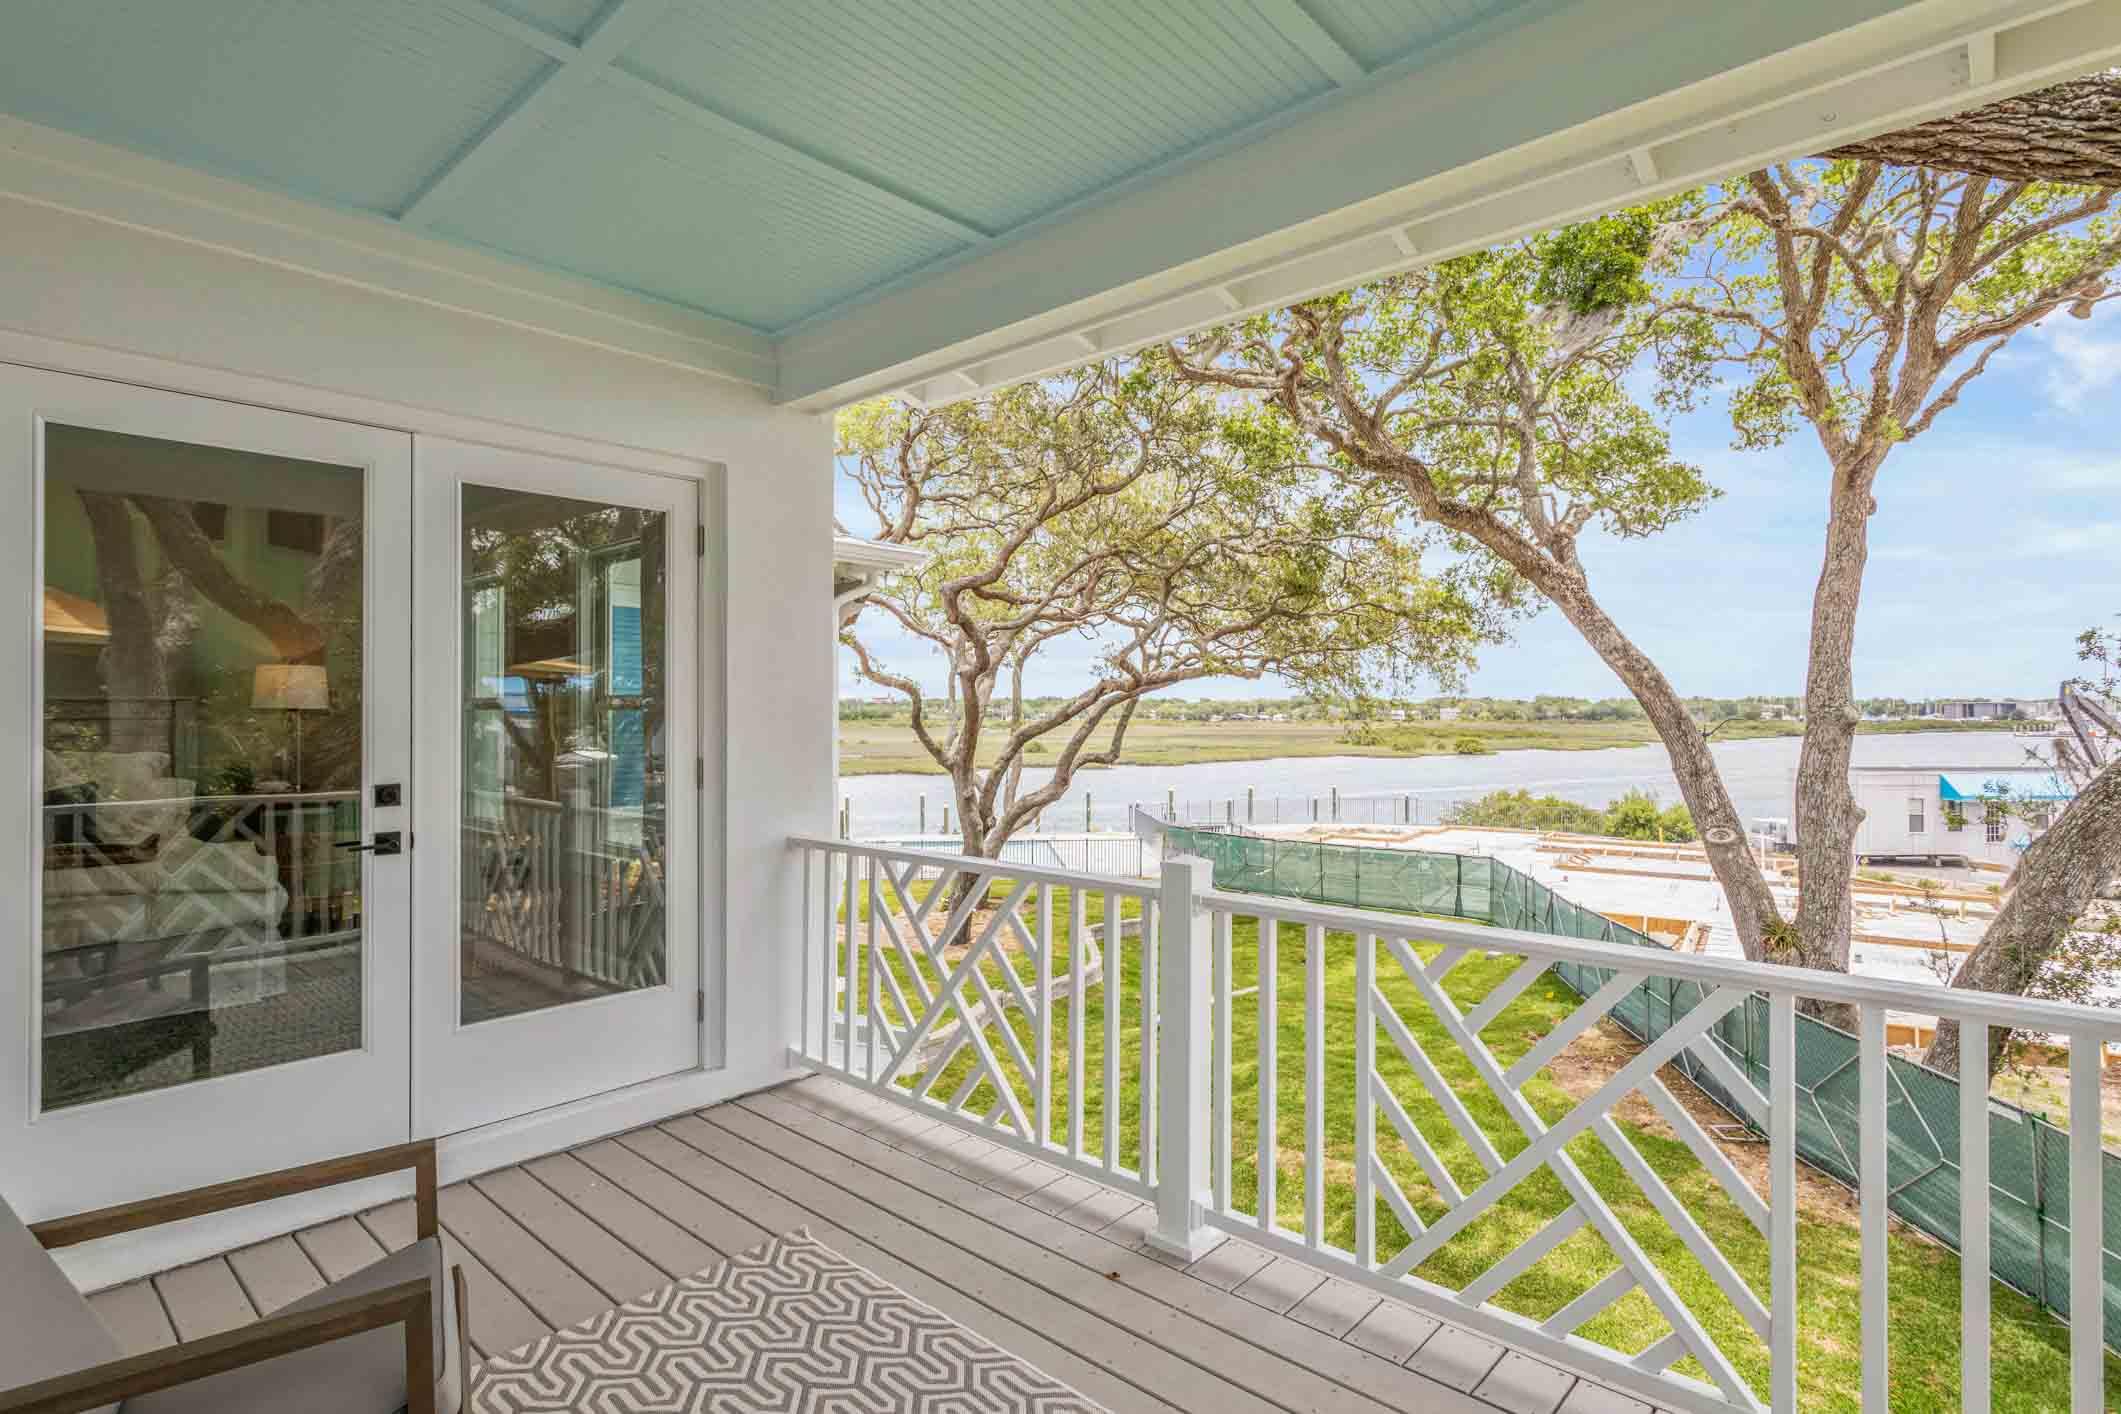 Villa Calissa Property Photos (10 of 32)